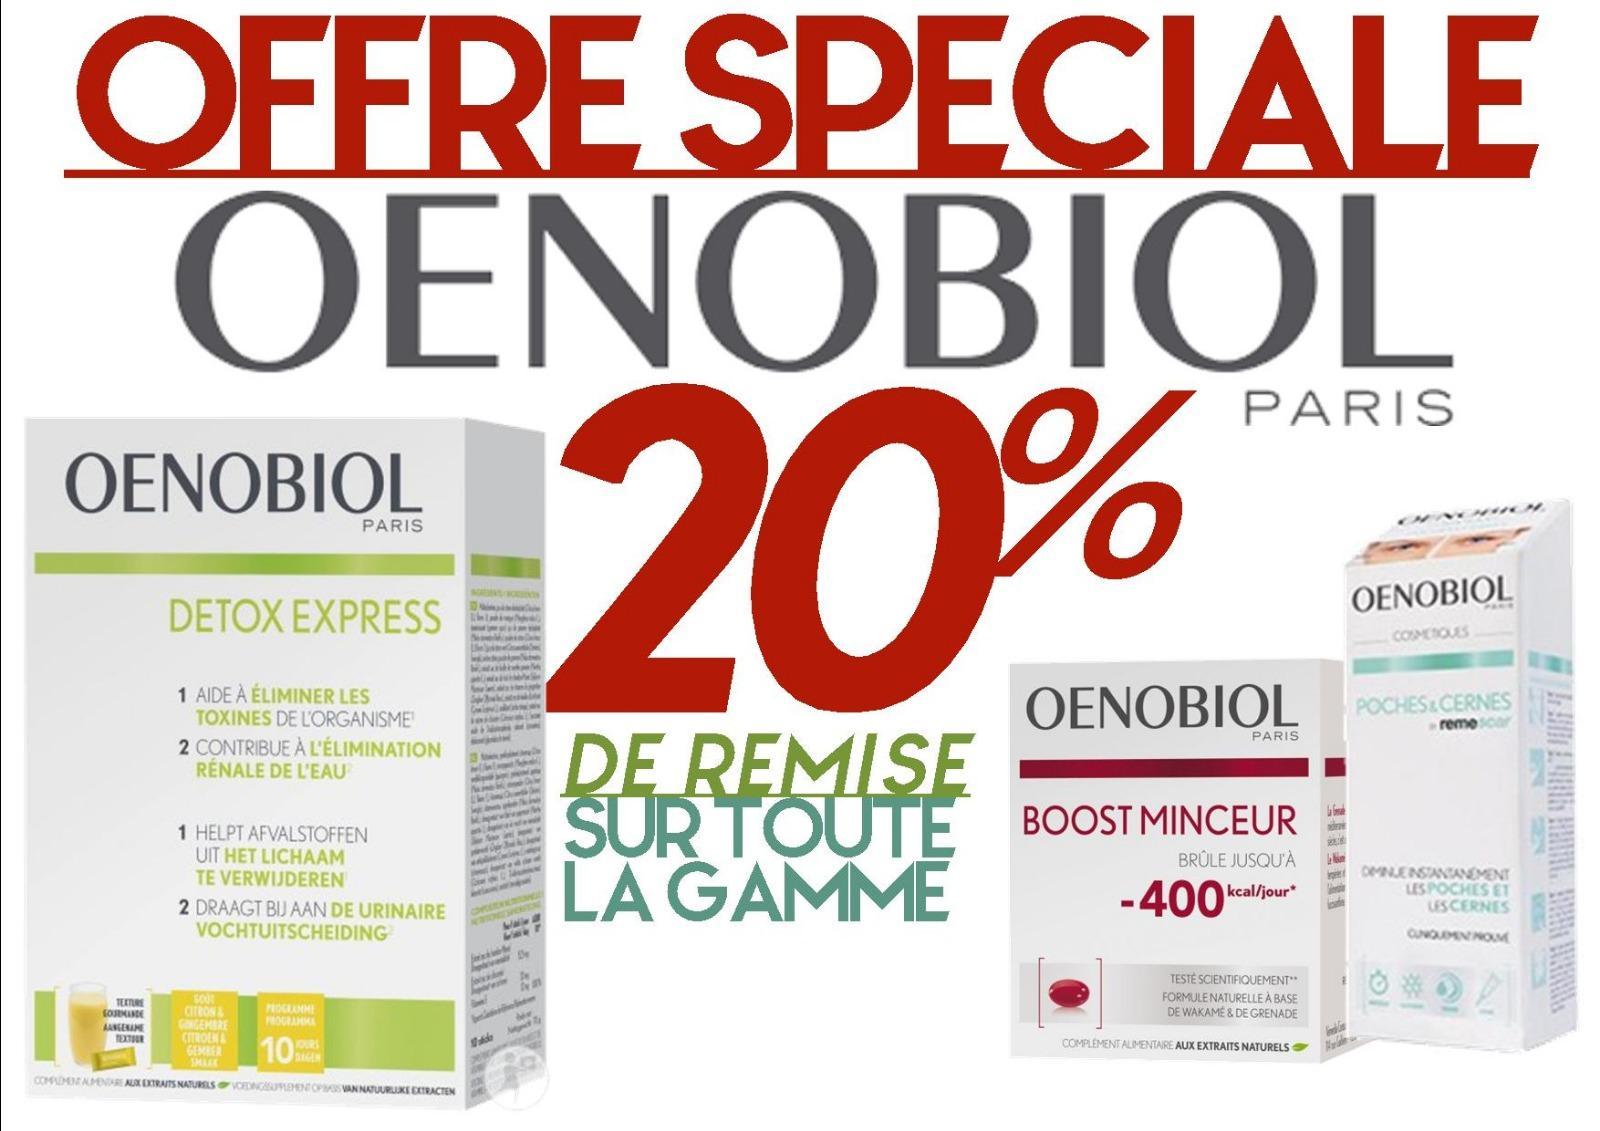 OENOBIOL Detox